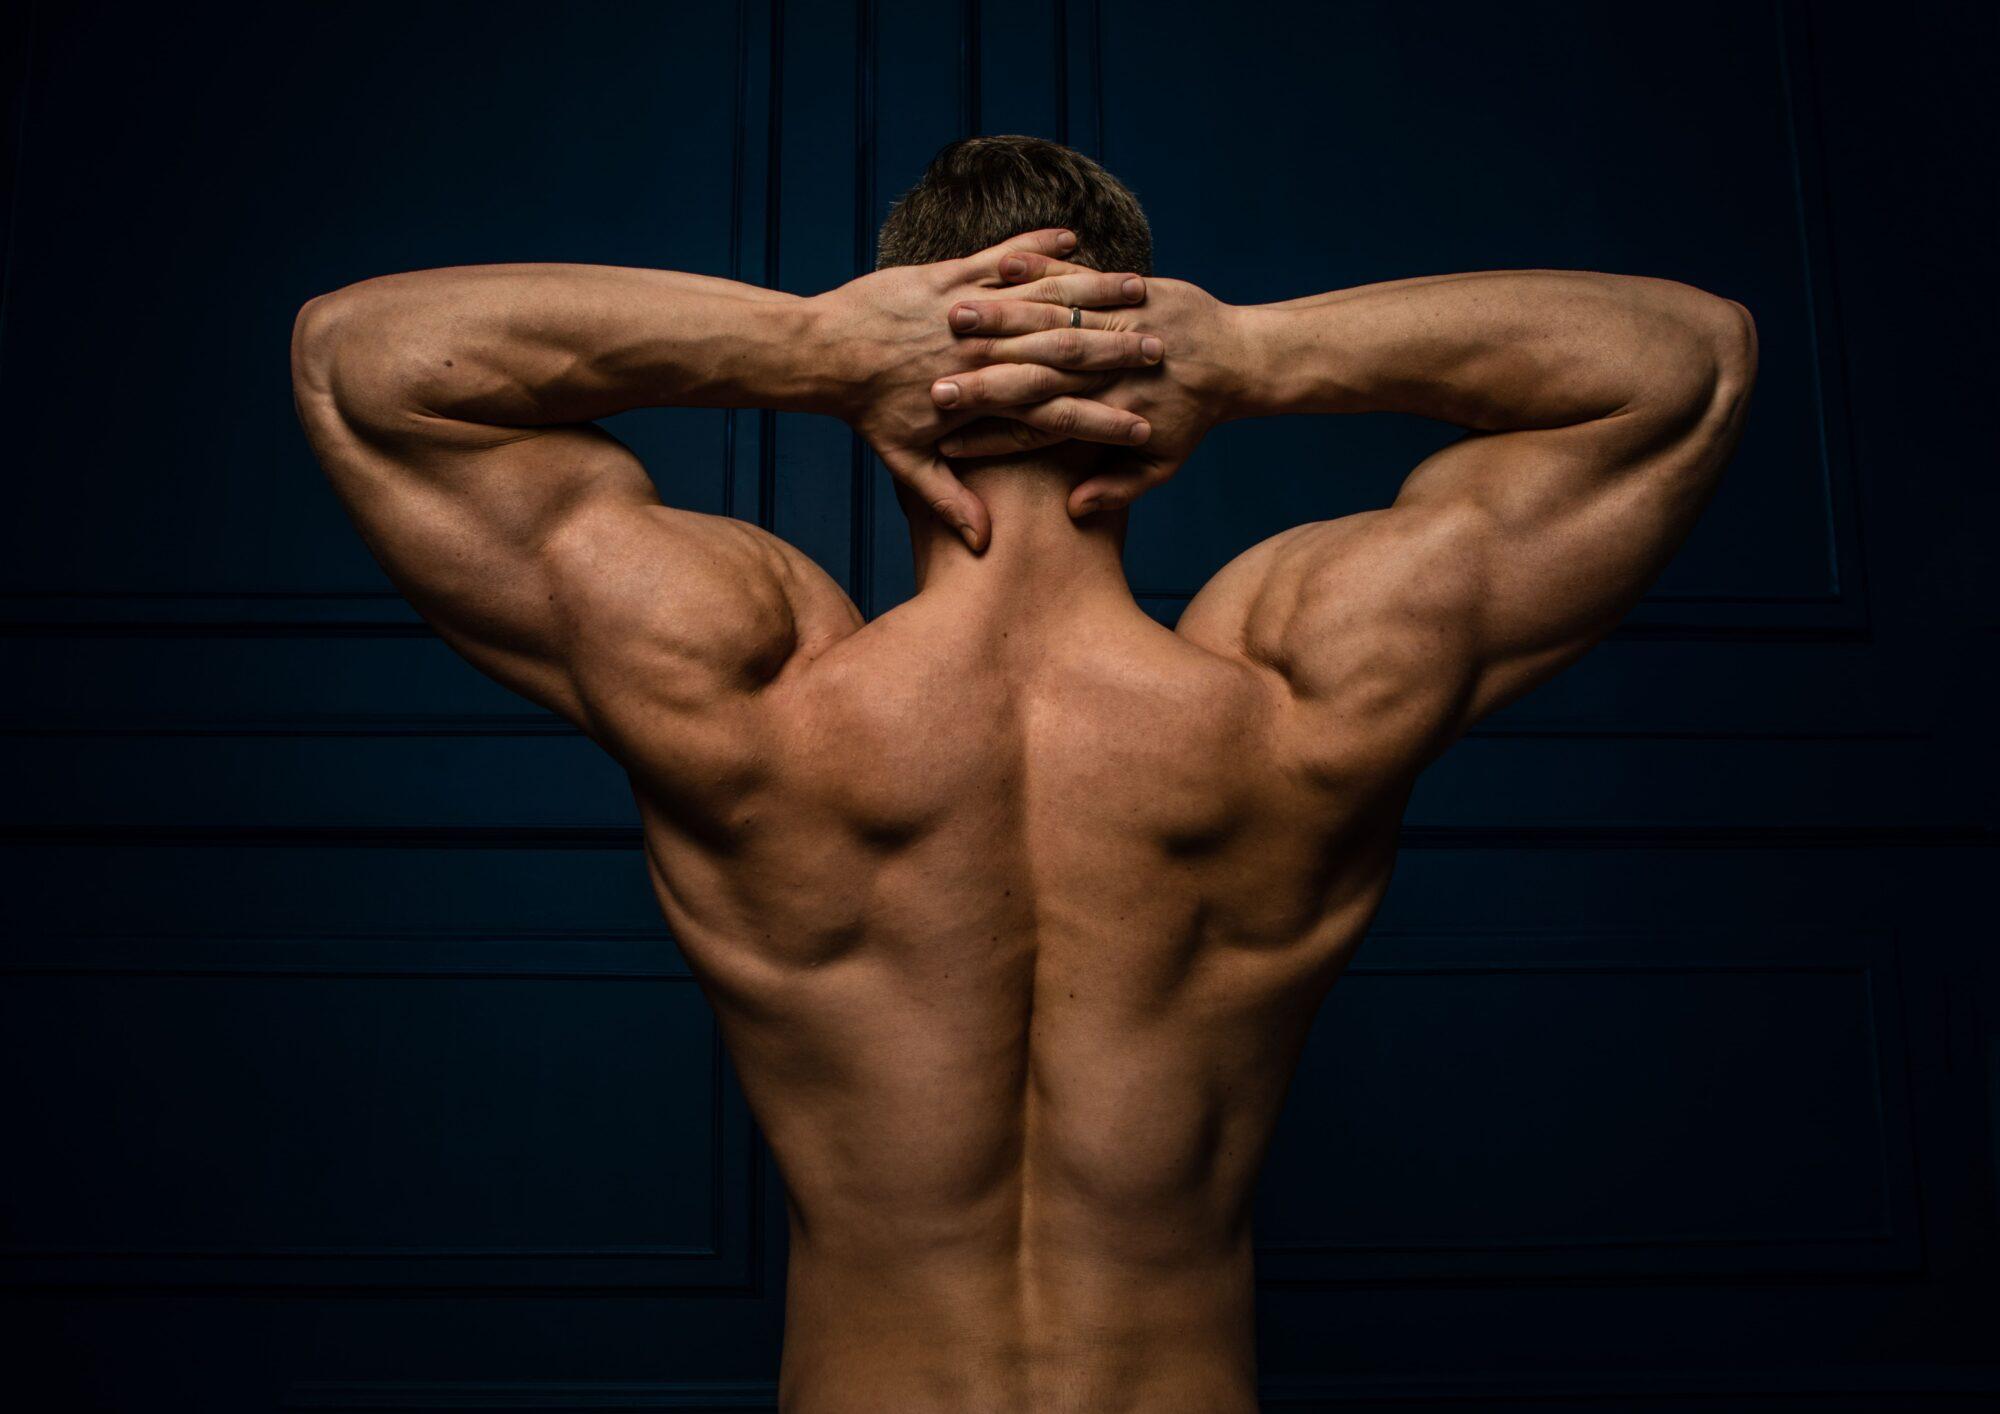 Mann zeigt muskulöse Rückenmuskeln   Dein Personal Trainer Berlin